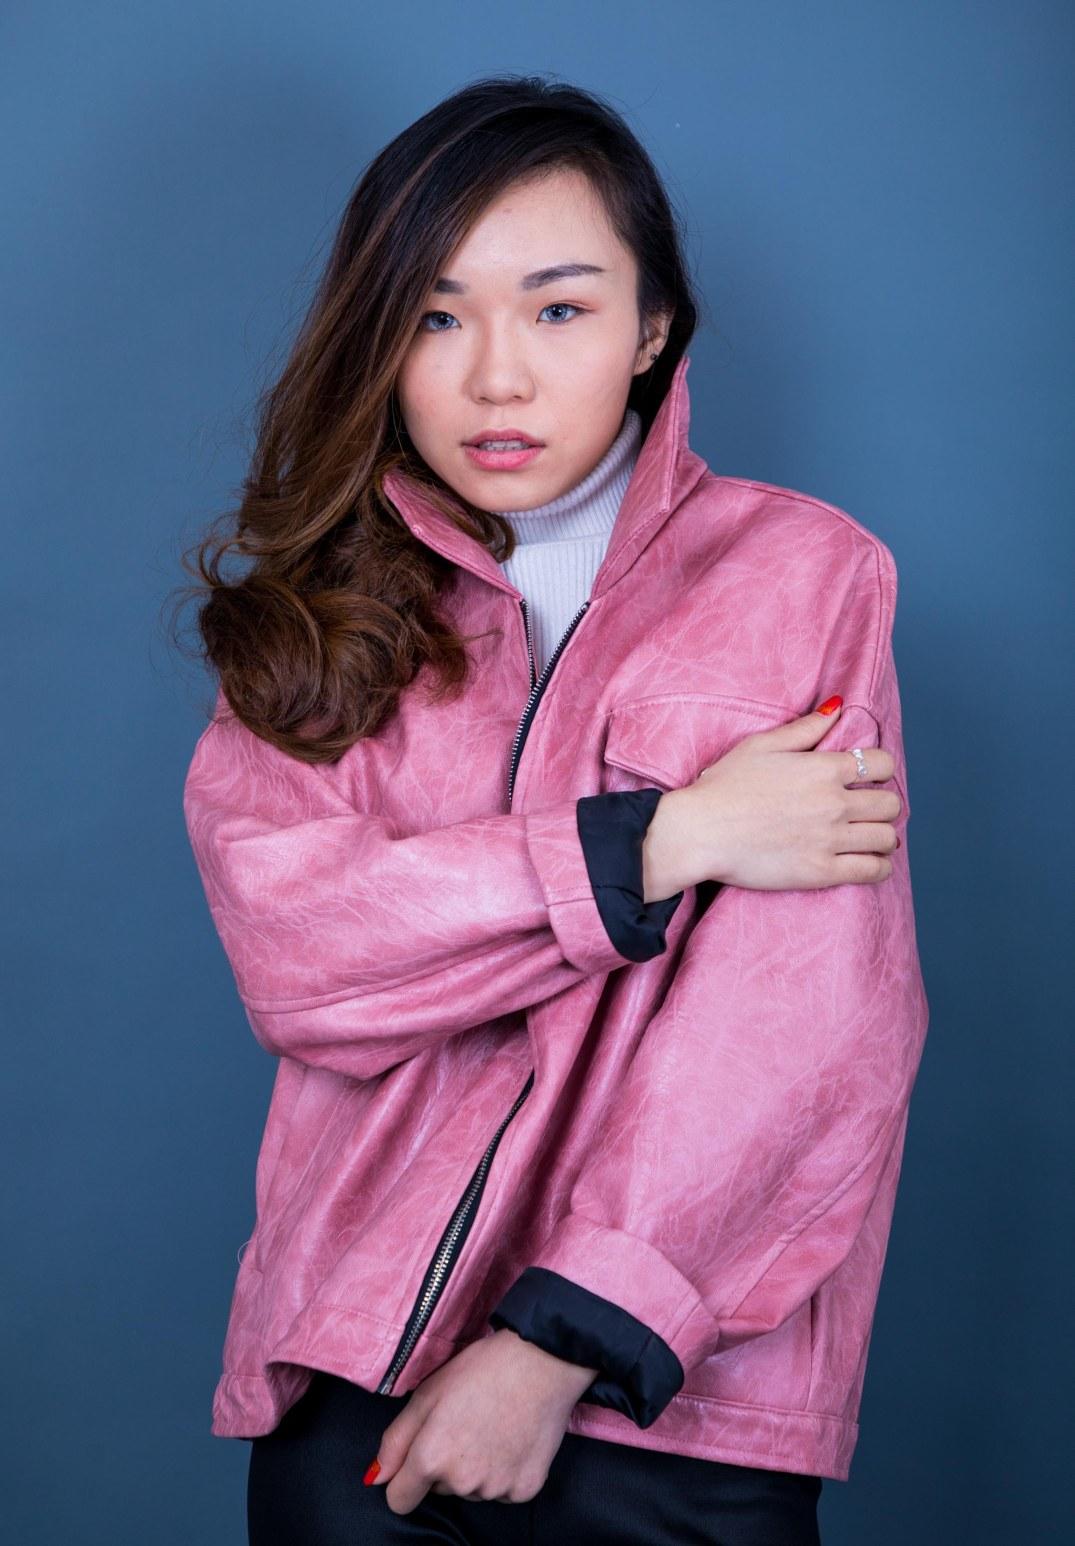 時裝服裝攝影 fashion Photography paulstylist_Zifonia-16